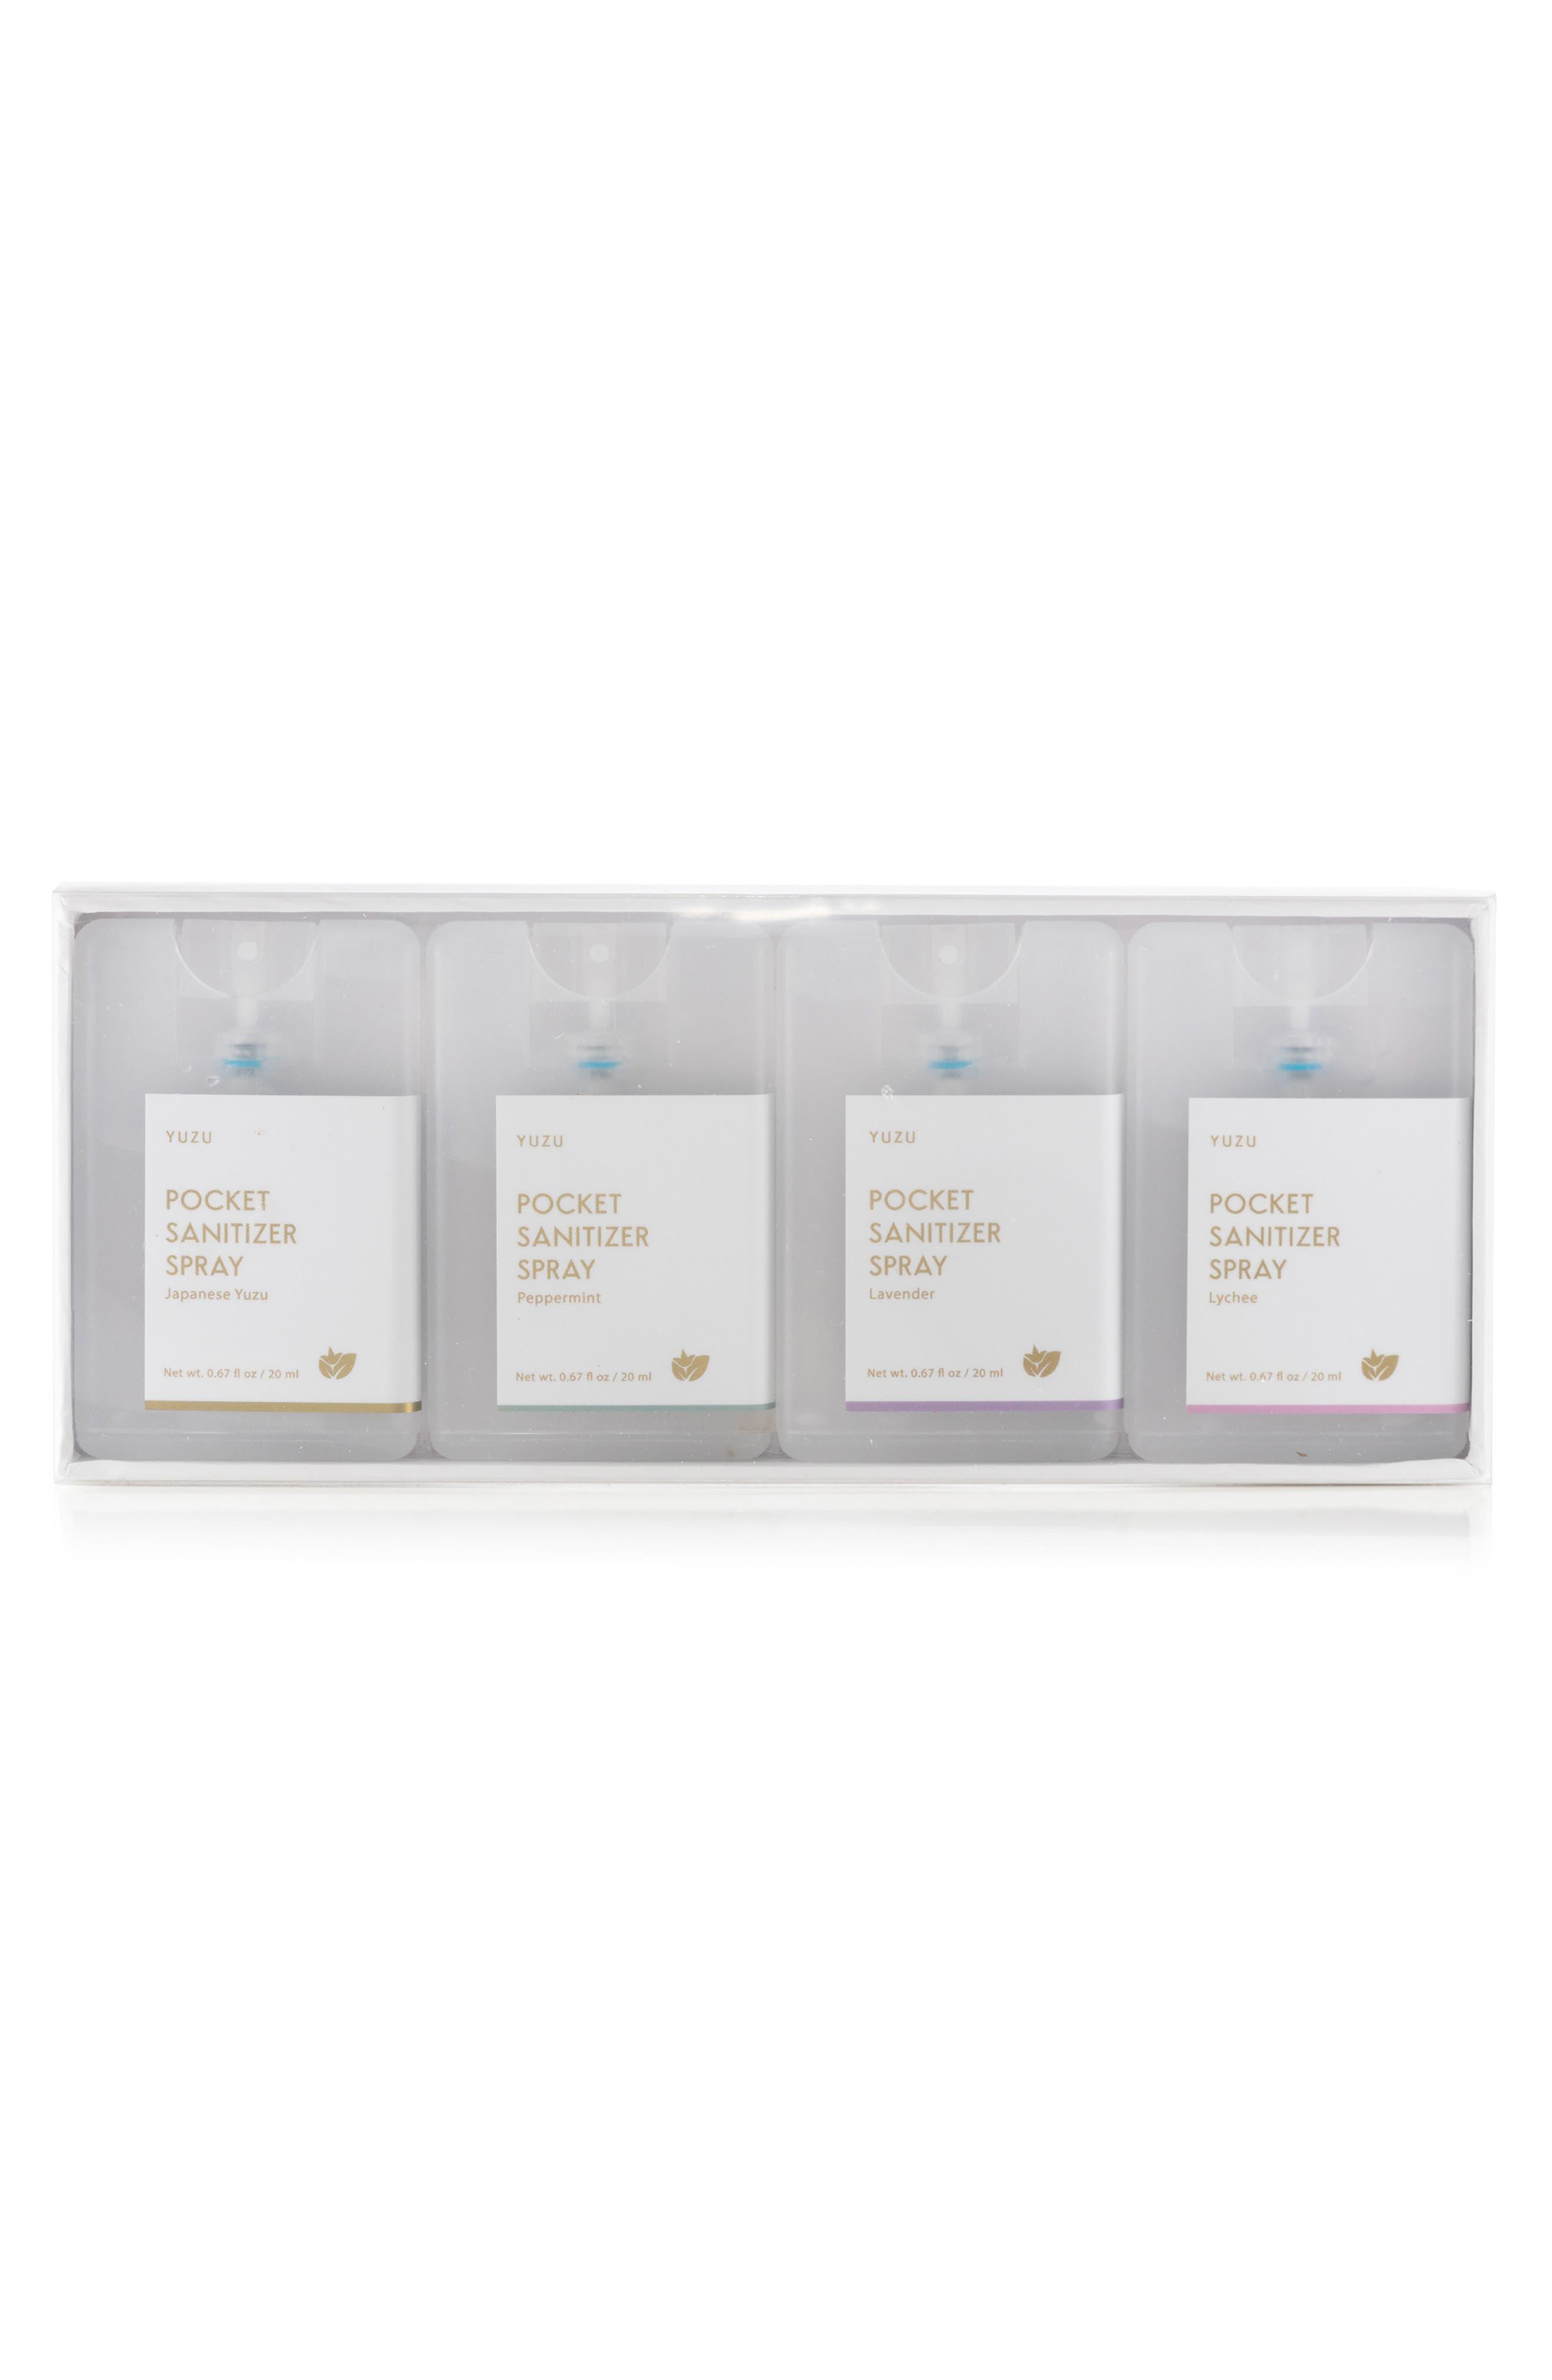 Set of 4 Pocket Sanitizers | Nordstrom